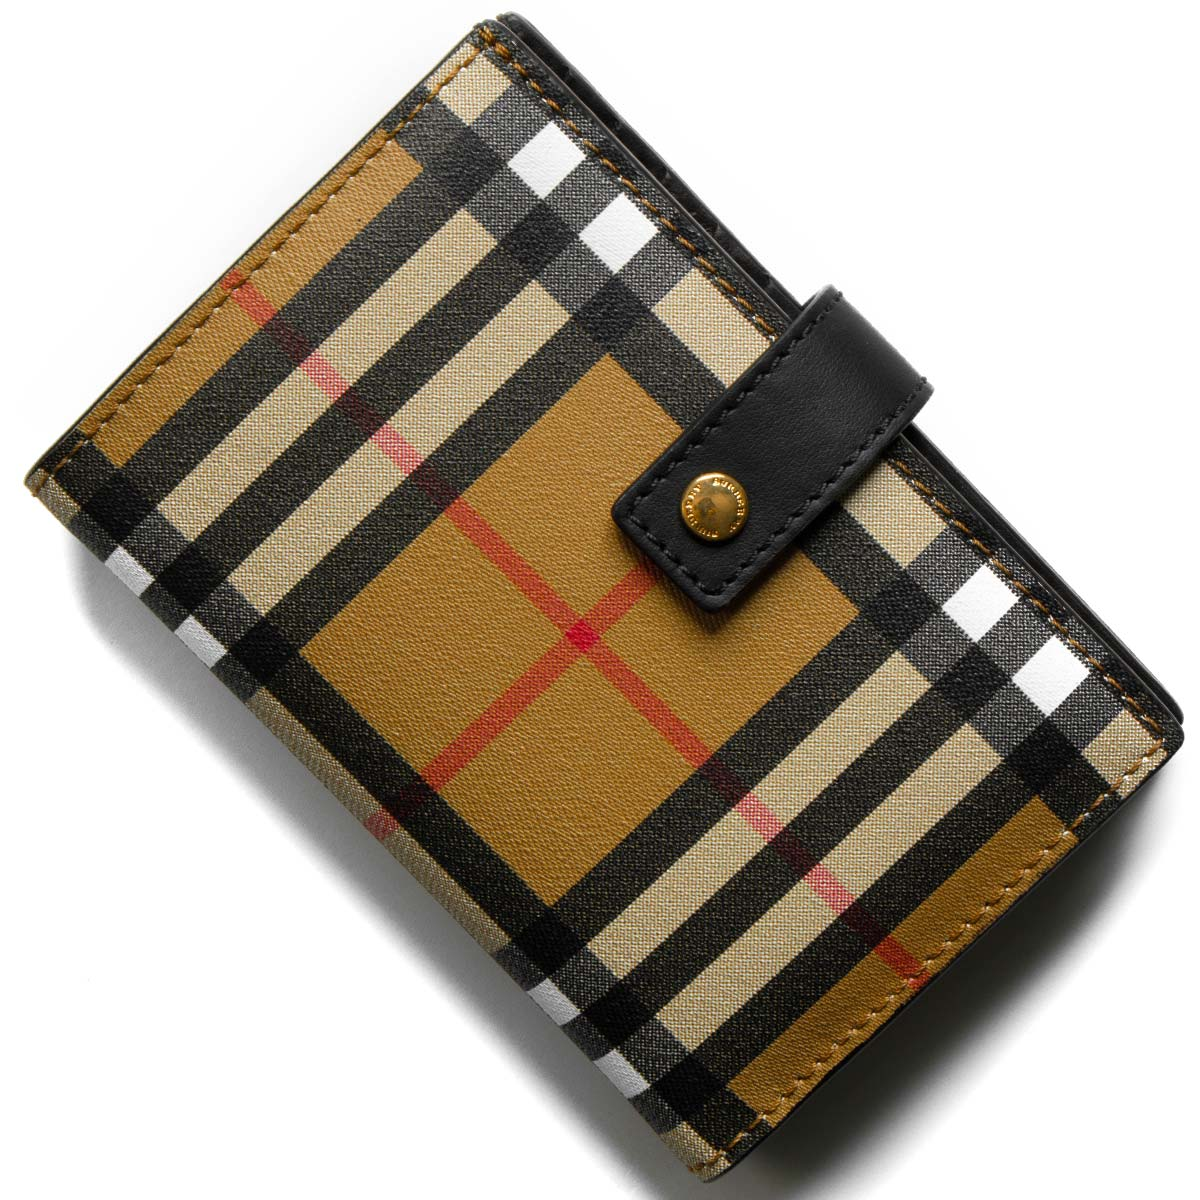 5ea67f936489 バーバリー 二つ折り財布 財布 メンズ レディース メリルボーン ヴィンテージチェック アンティークイエローベージュ&ブラック